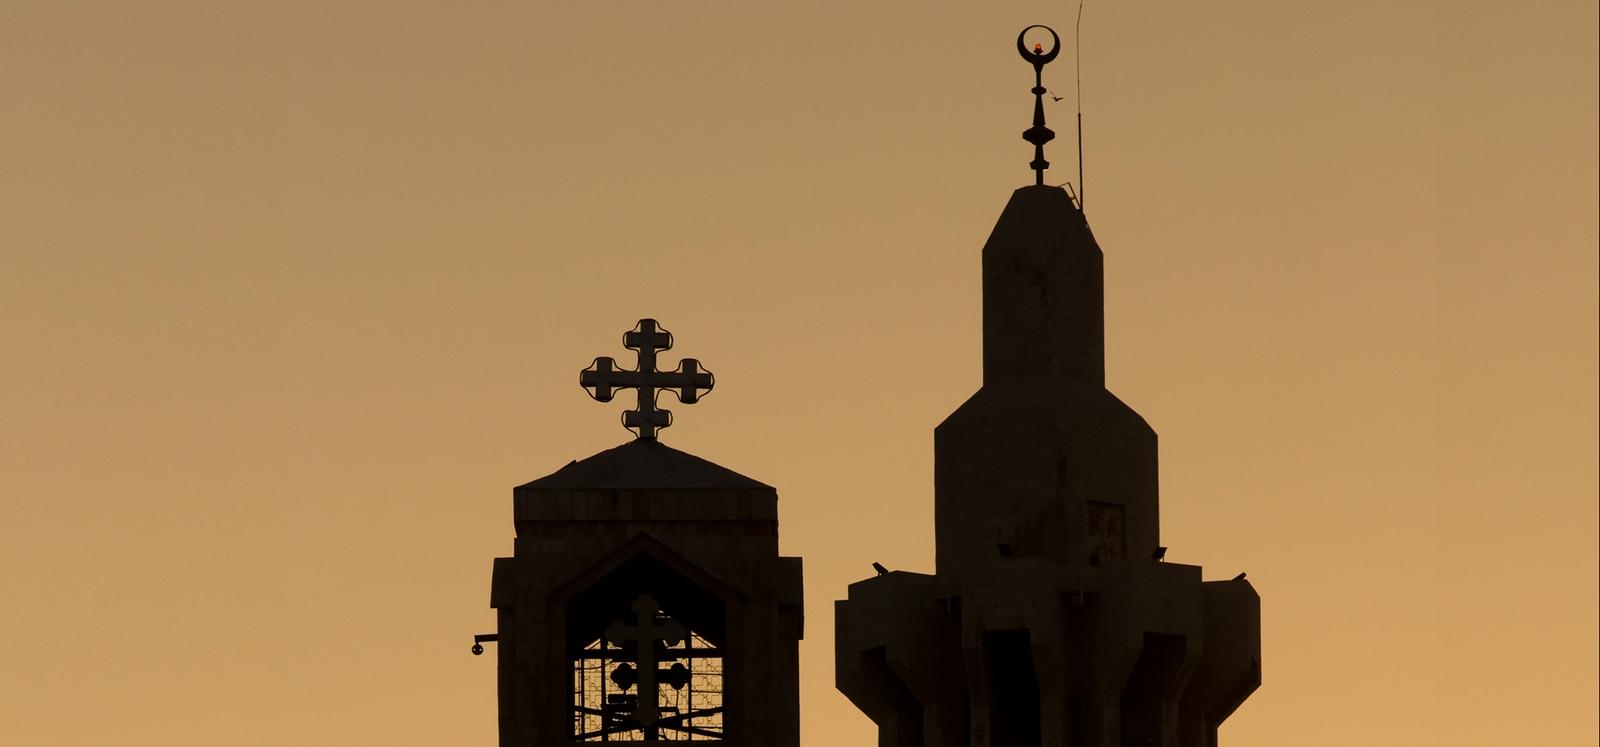 Claves para Entender Por Qué es tan Generalizada la Persecución a los Cristianos